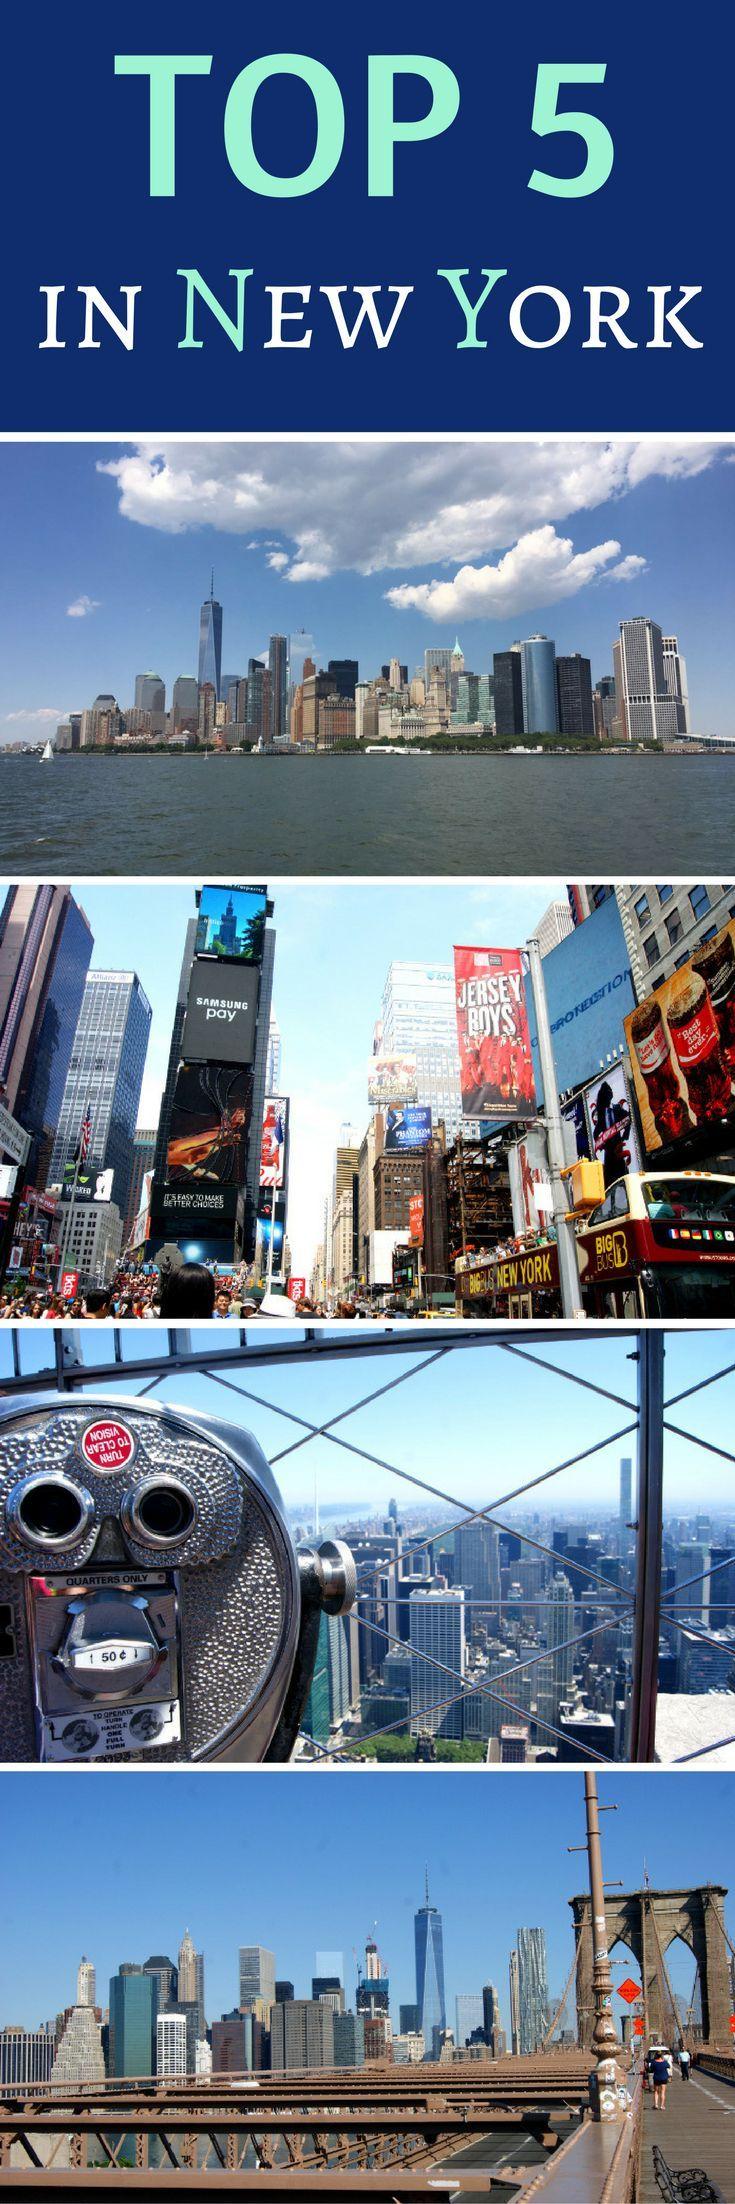 New York für Anfänger. In 2016 ging es wieder in die USA und diesmal stand auch endlich New York City auf dem Programm. Lange habe ich auf die Zeit im Big Apple hingefiebert. Endlich über die Brooklyn Bridge spazieren, die Skyline Manhattans und die Freiheitsstatue sehen... Yellow Cabs, der Times Square und der Central Park.. Ja, das ist NEW YORK. Travel Tips.